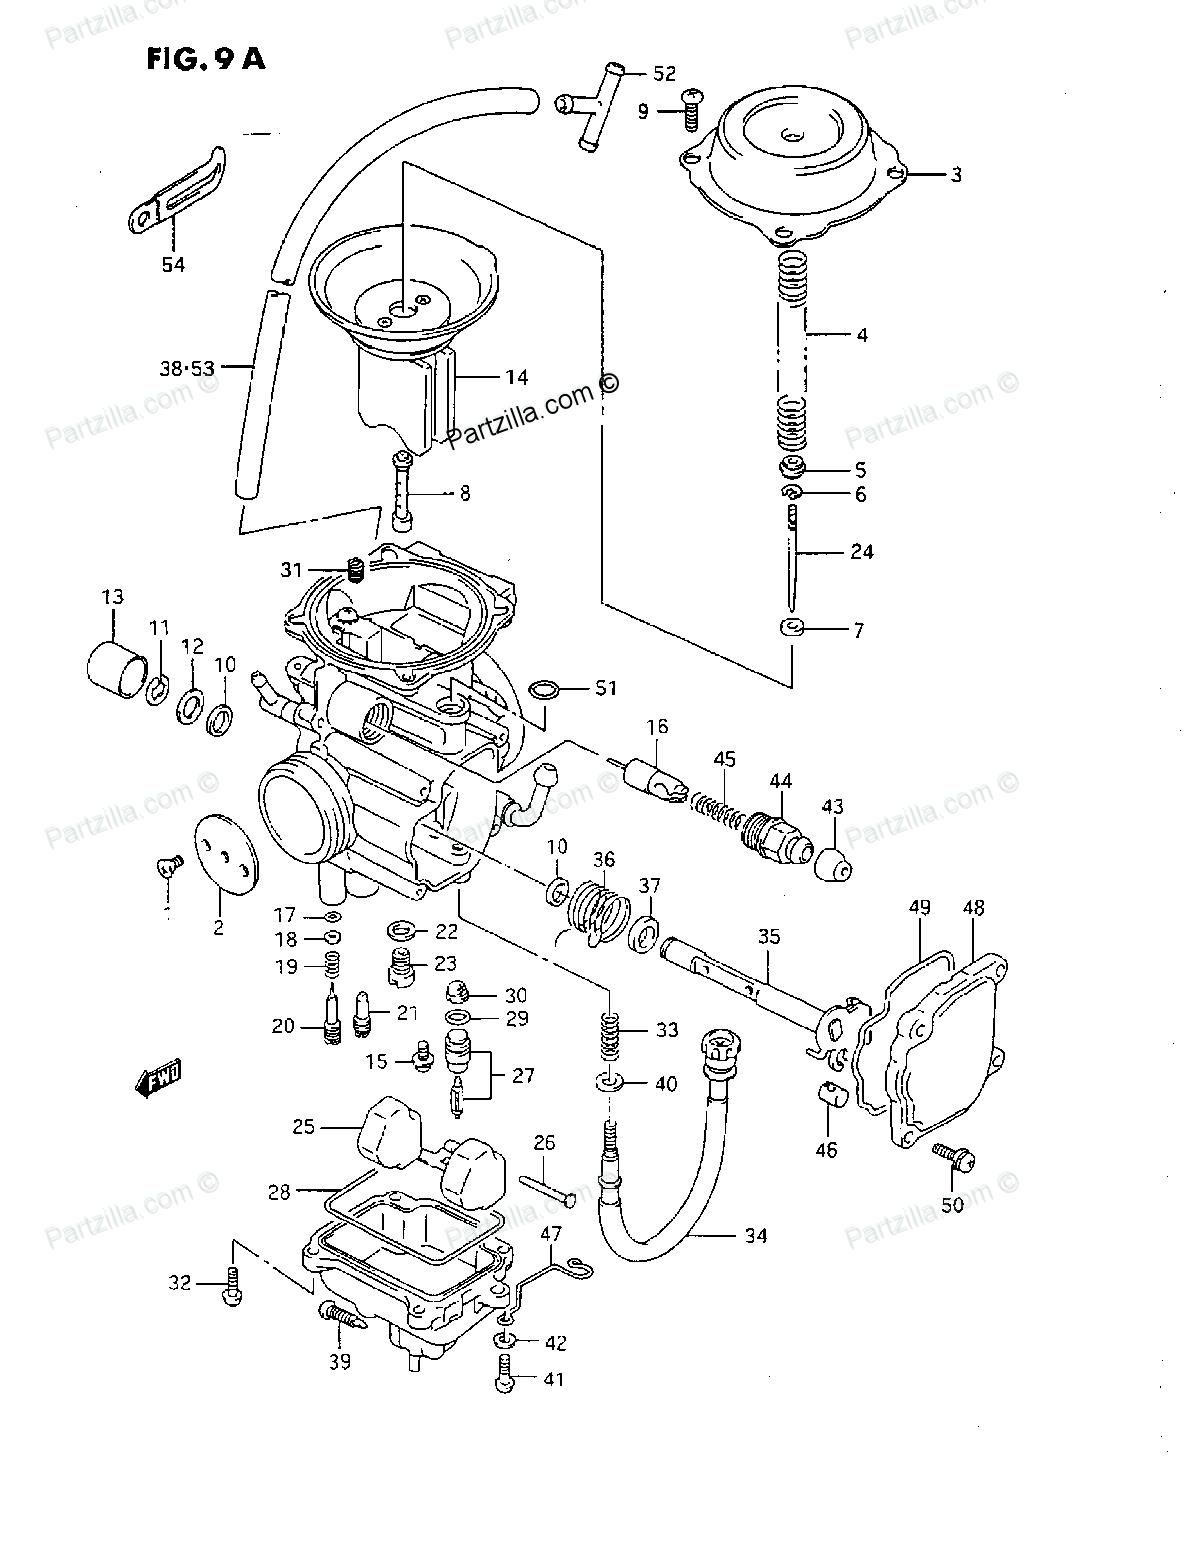 Suzuki Gsx R 1000 Fuse Box Trusted Schematics Diagram Apv 2008 Hayabusa Wiring And Engine Wallpaper